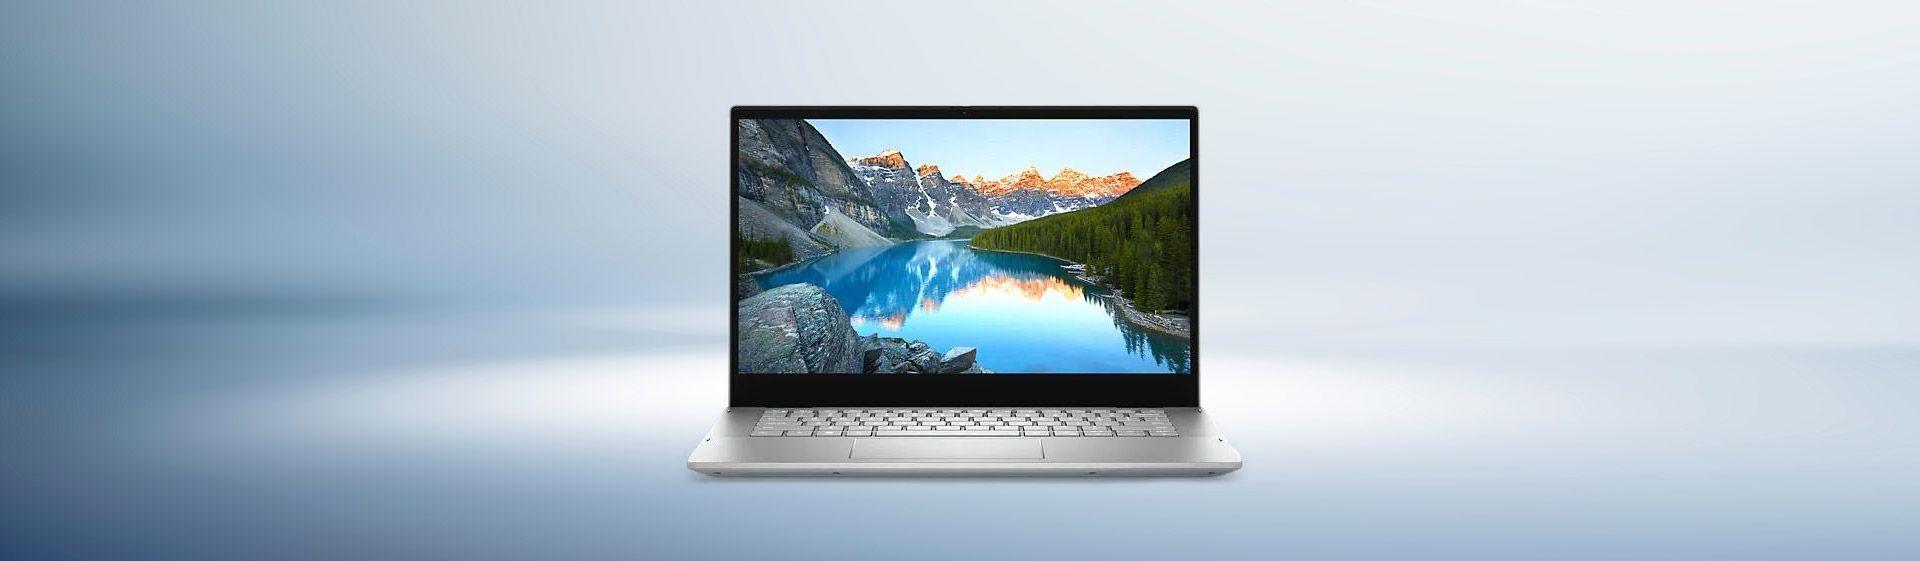 Melhor notebook Dell Inspiron em 2021: 10 modelos de vários preços